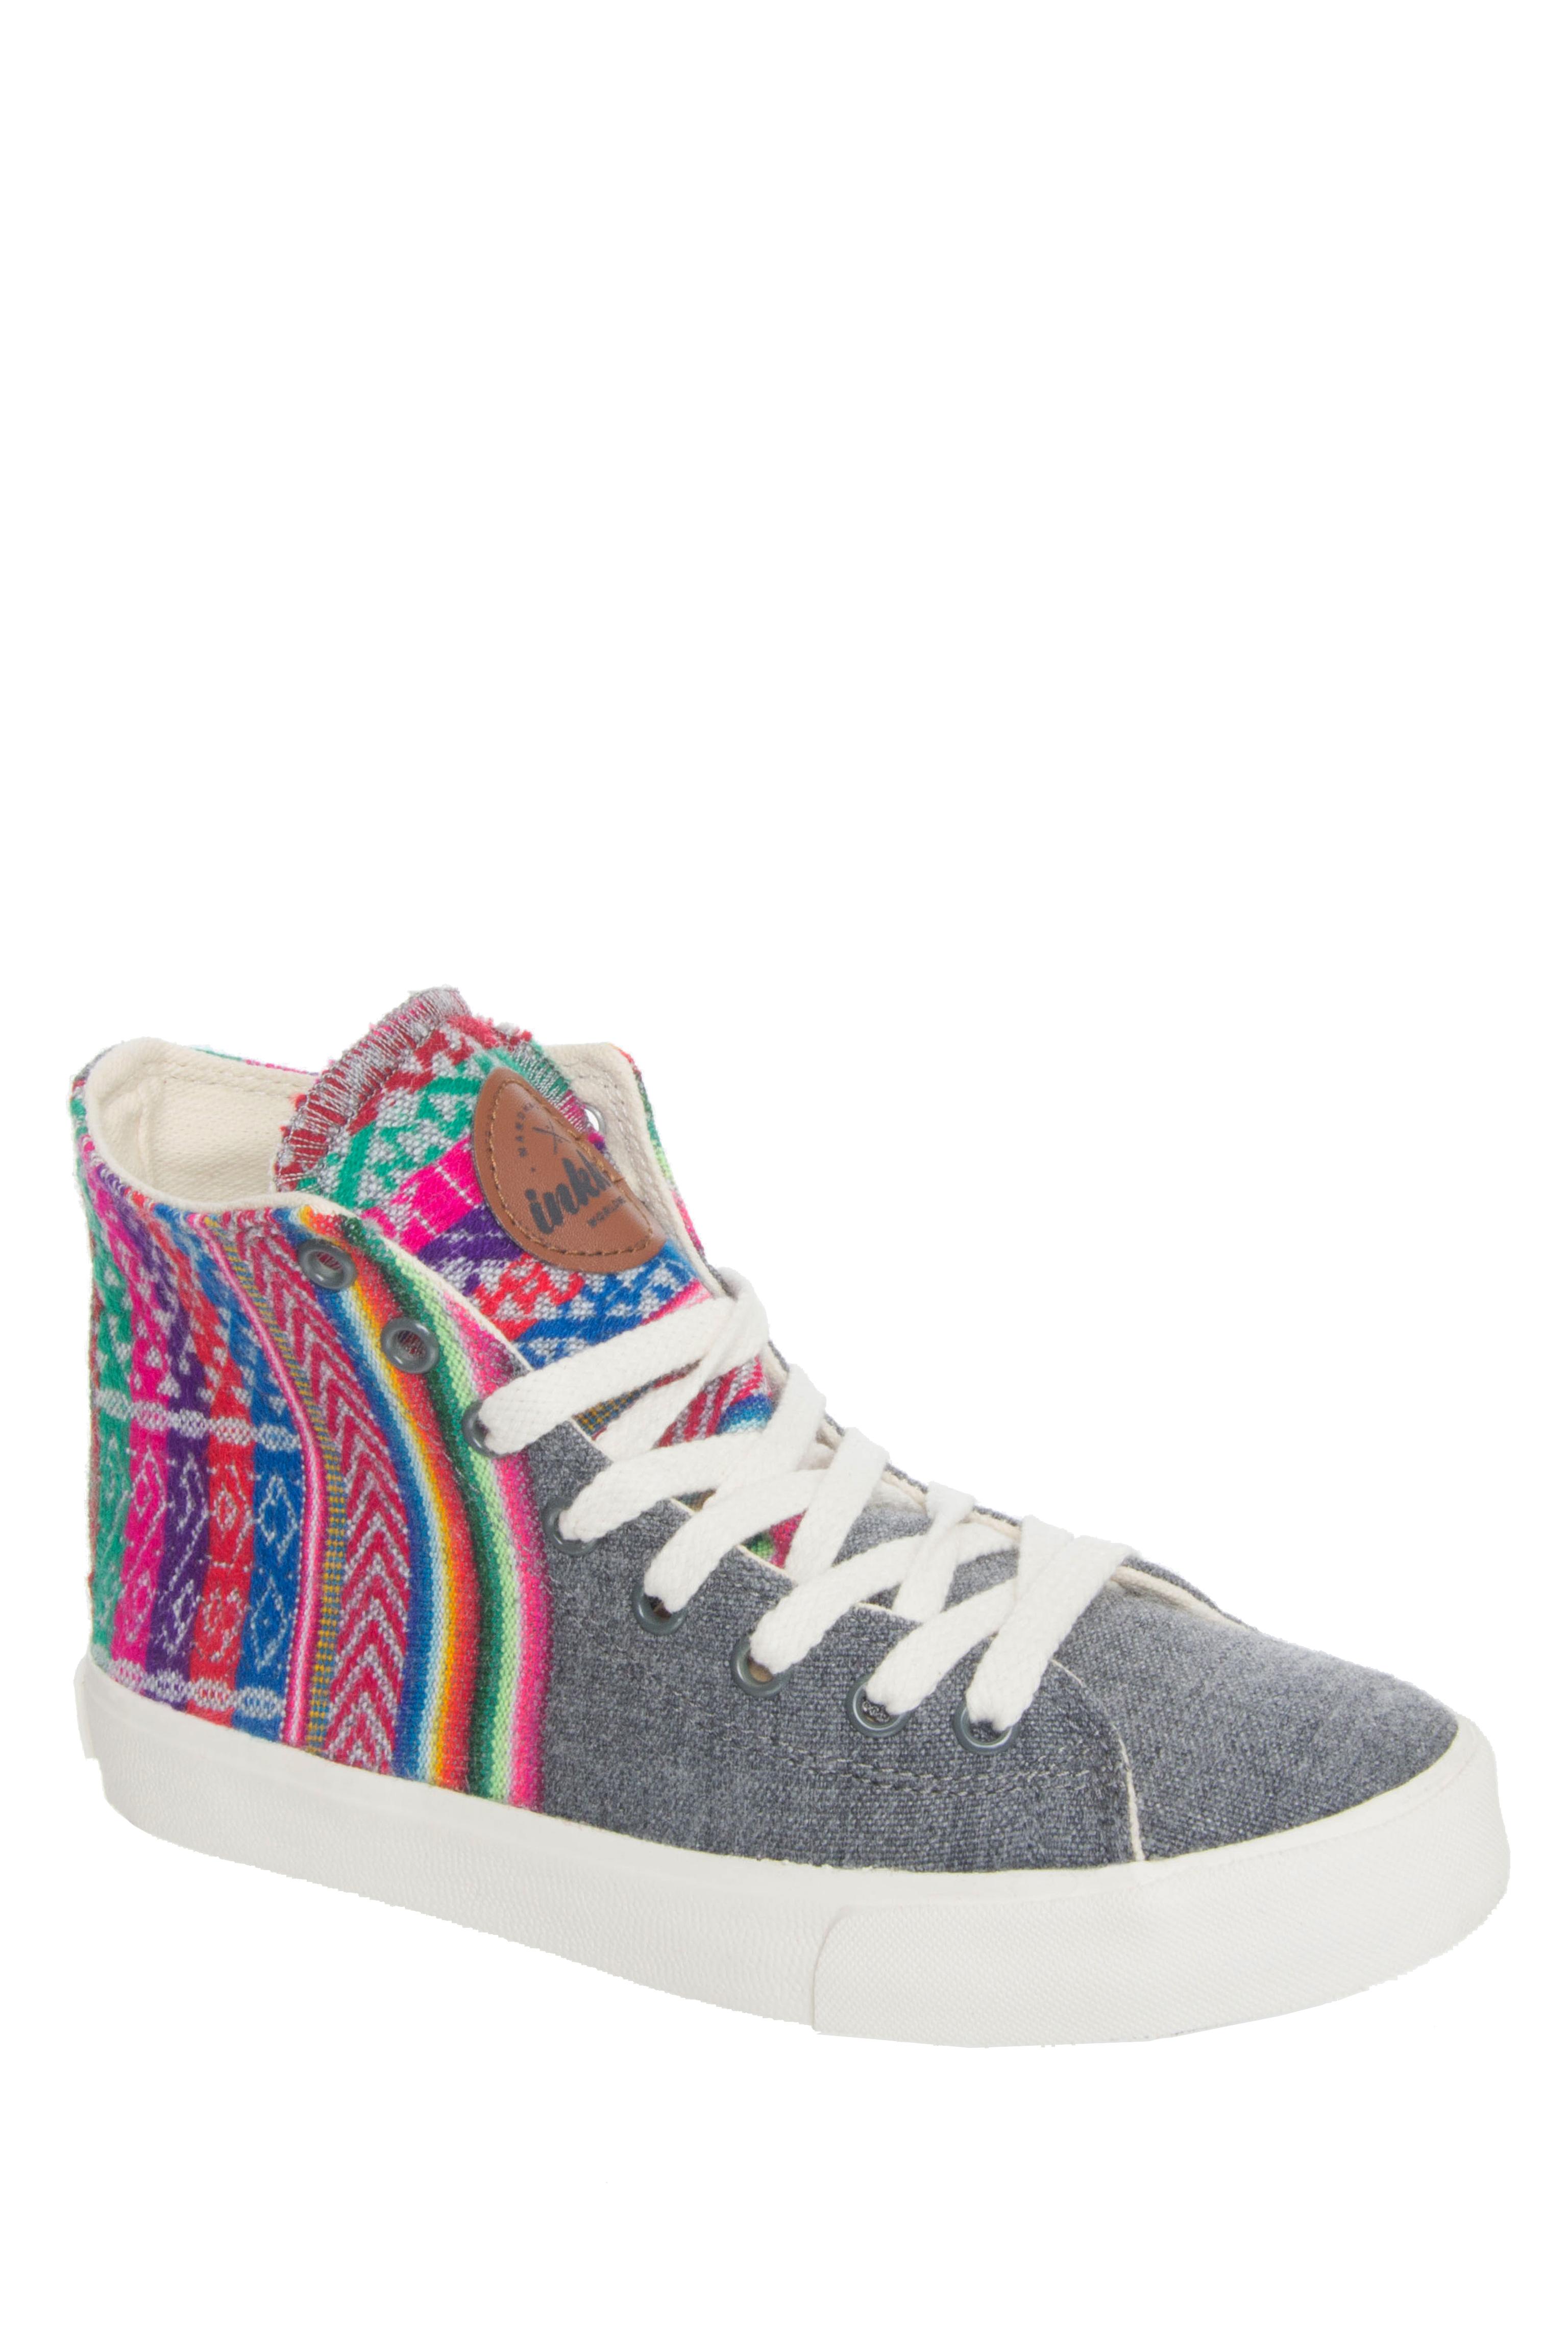 INKKAS Slate Hi Top Sneakers - Slate